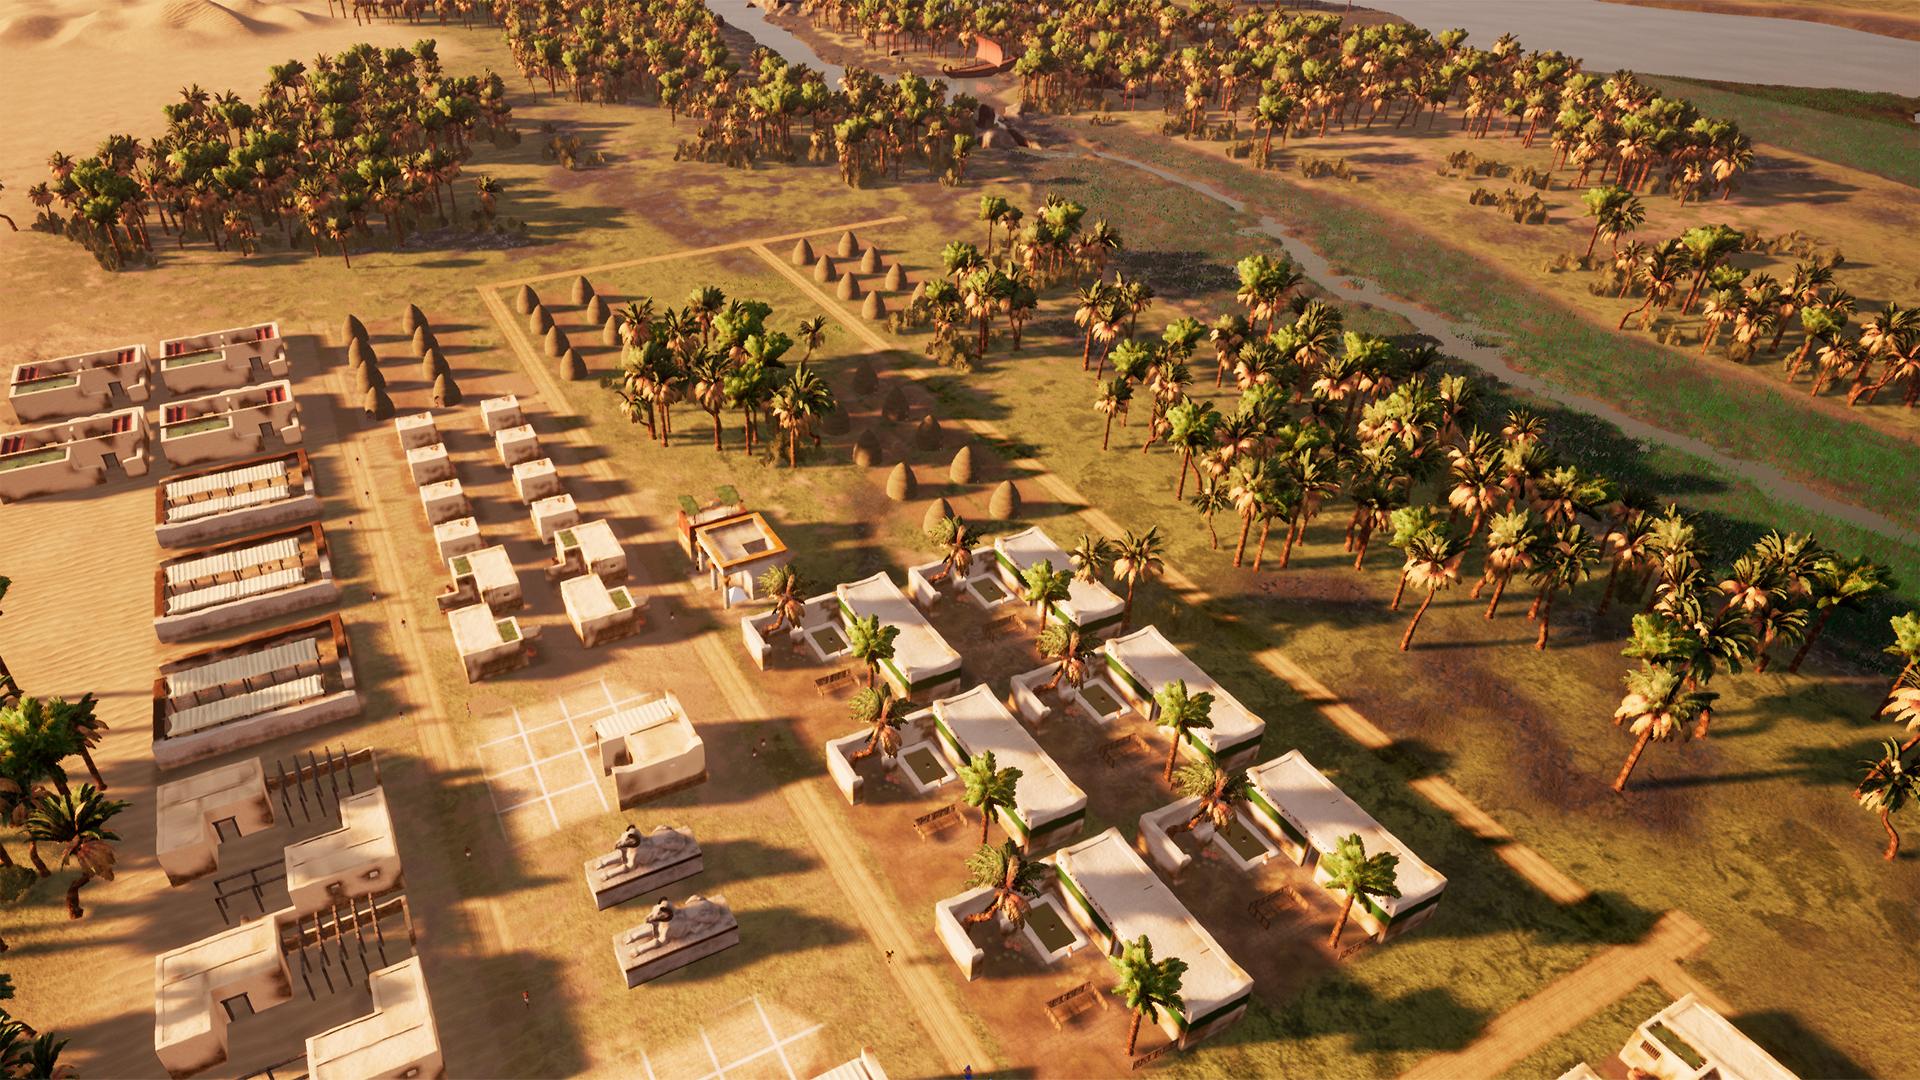 Photo of Builders of Egypt alebo keď chcete vidieť historický Egypt a nemáte stroj času